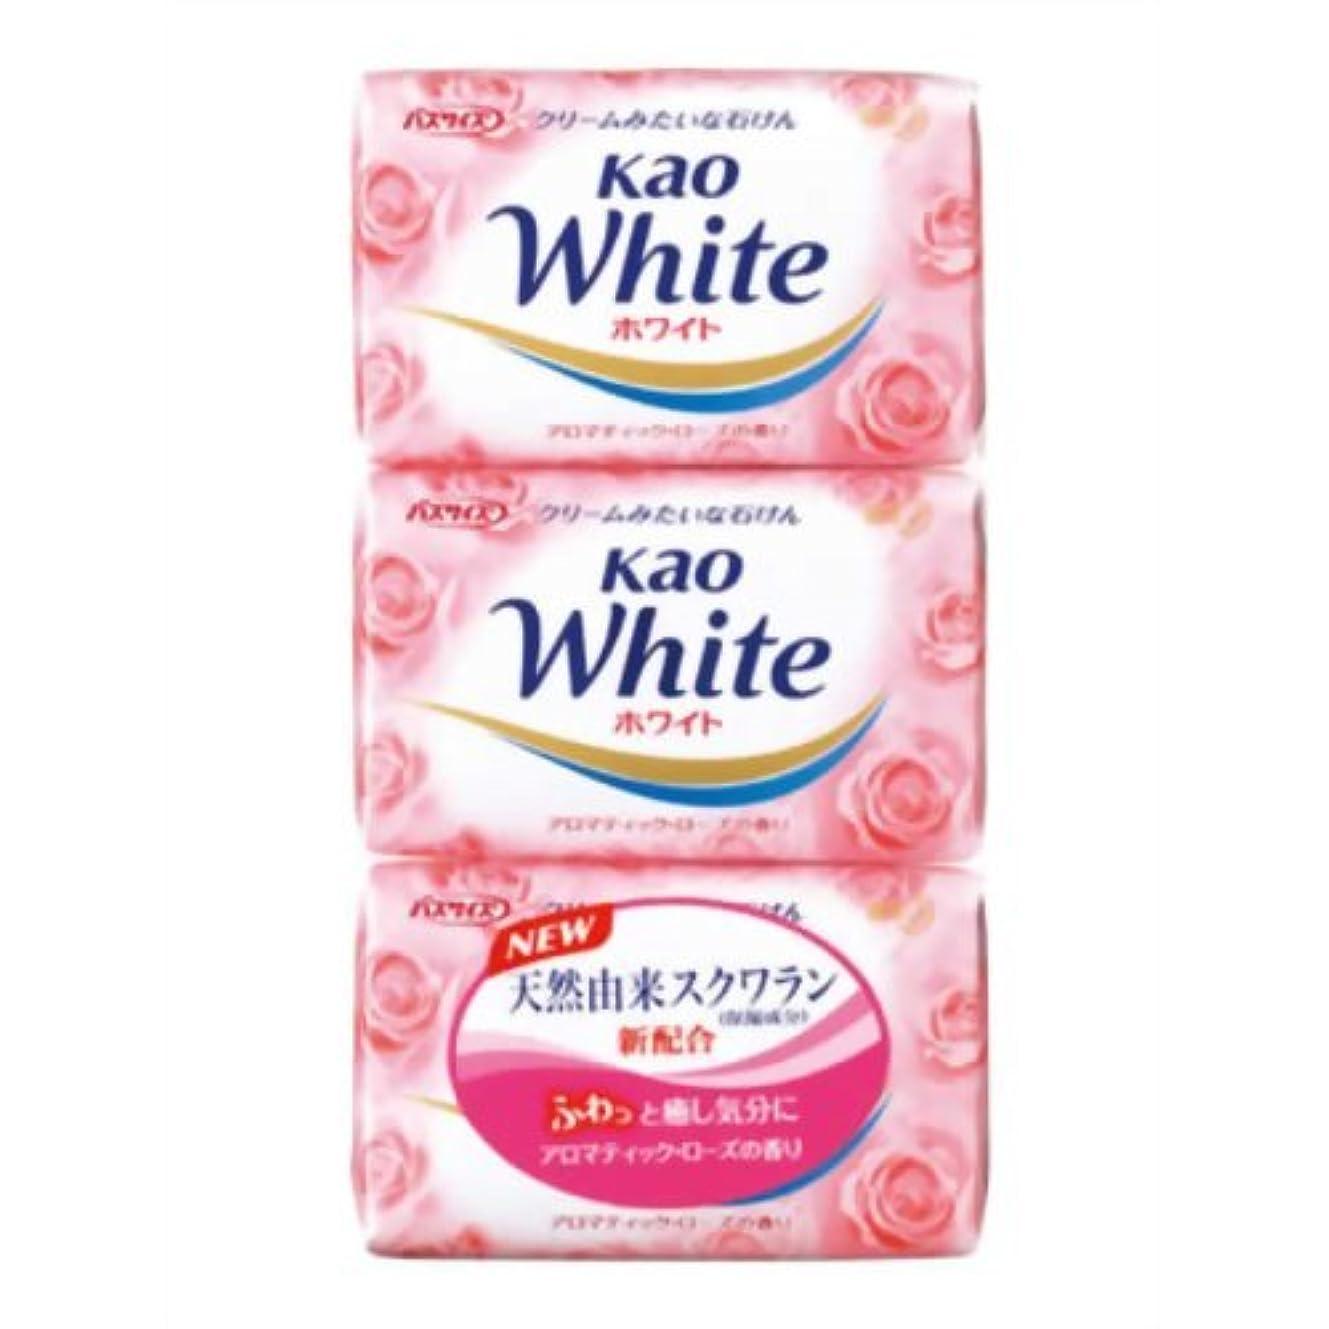 舌手期待する花王ホワイト アロマティックローズの香り バスサイズ 130g*3個入